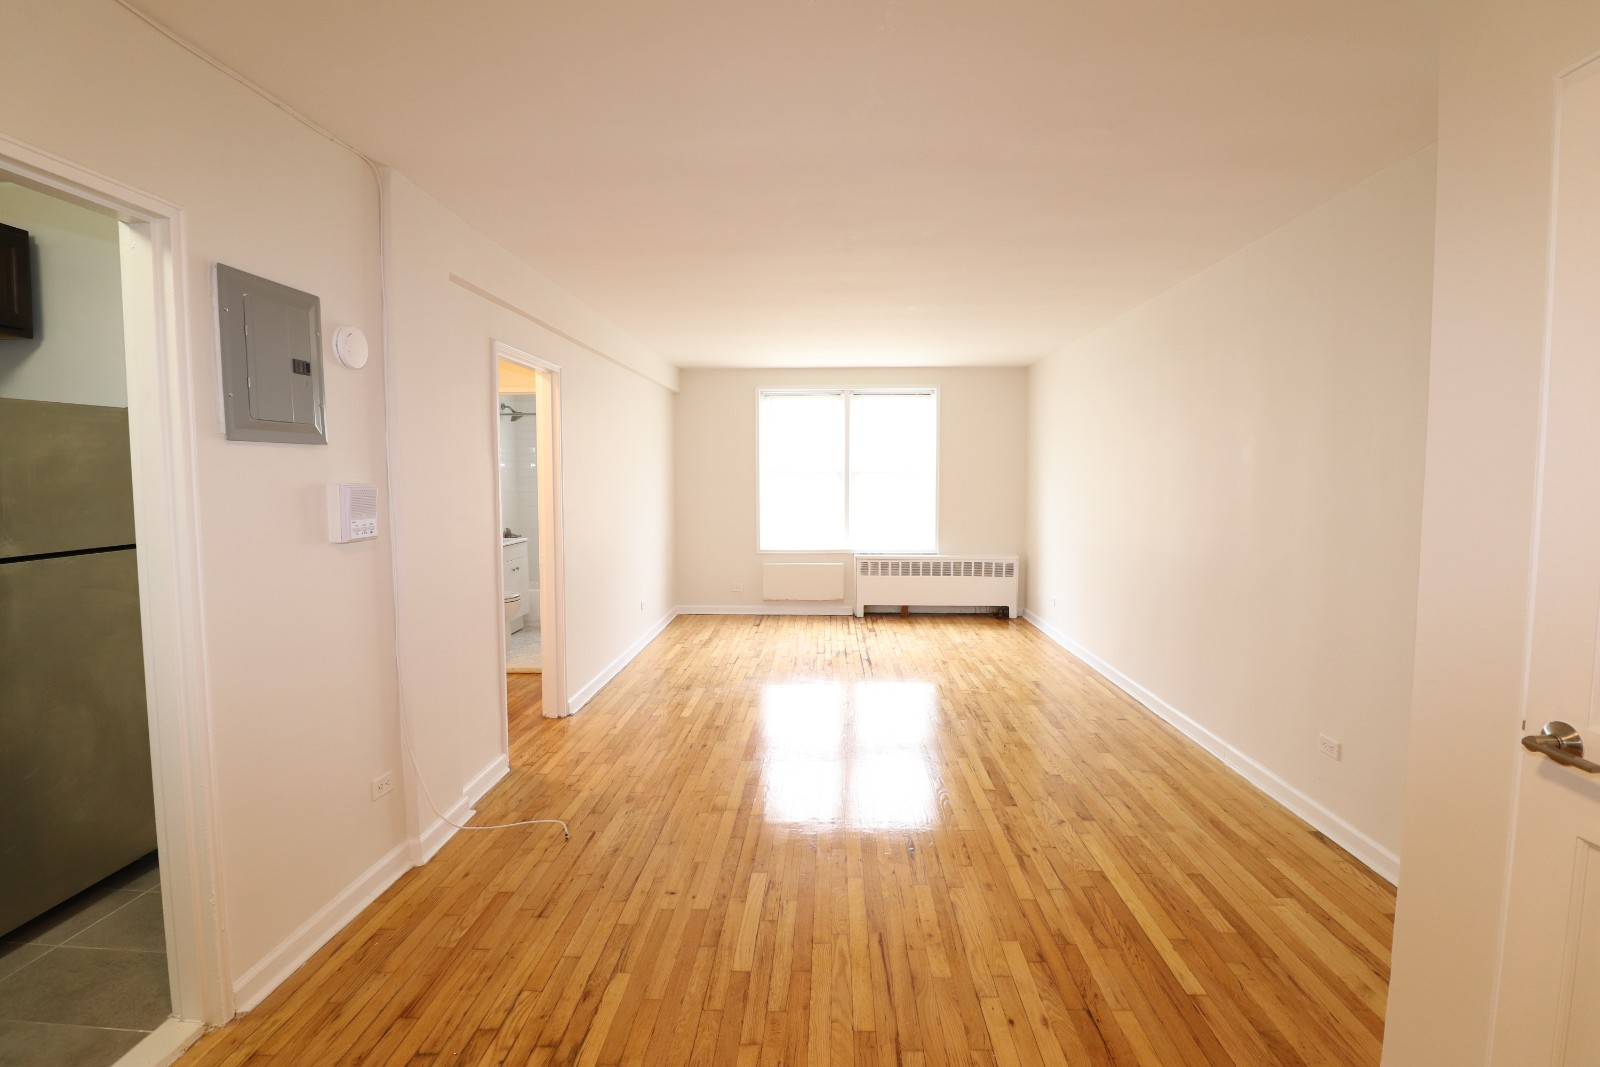 143-45 Sanford Avenue, Apt 504/143, Queens, New York 11355